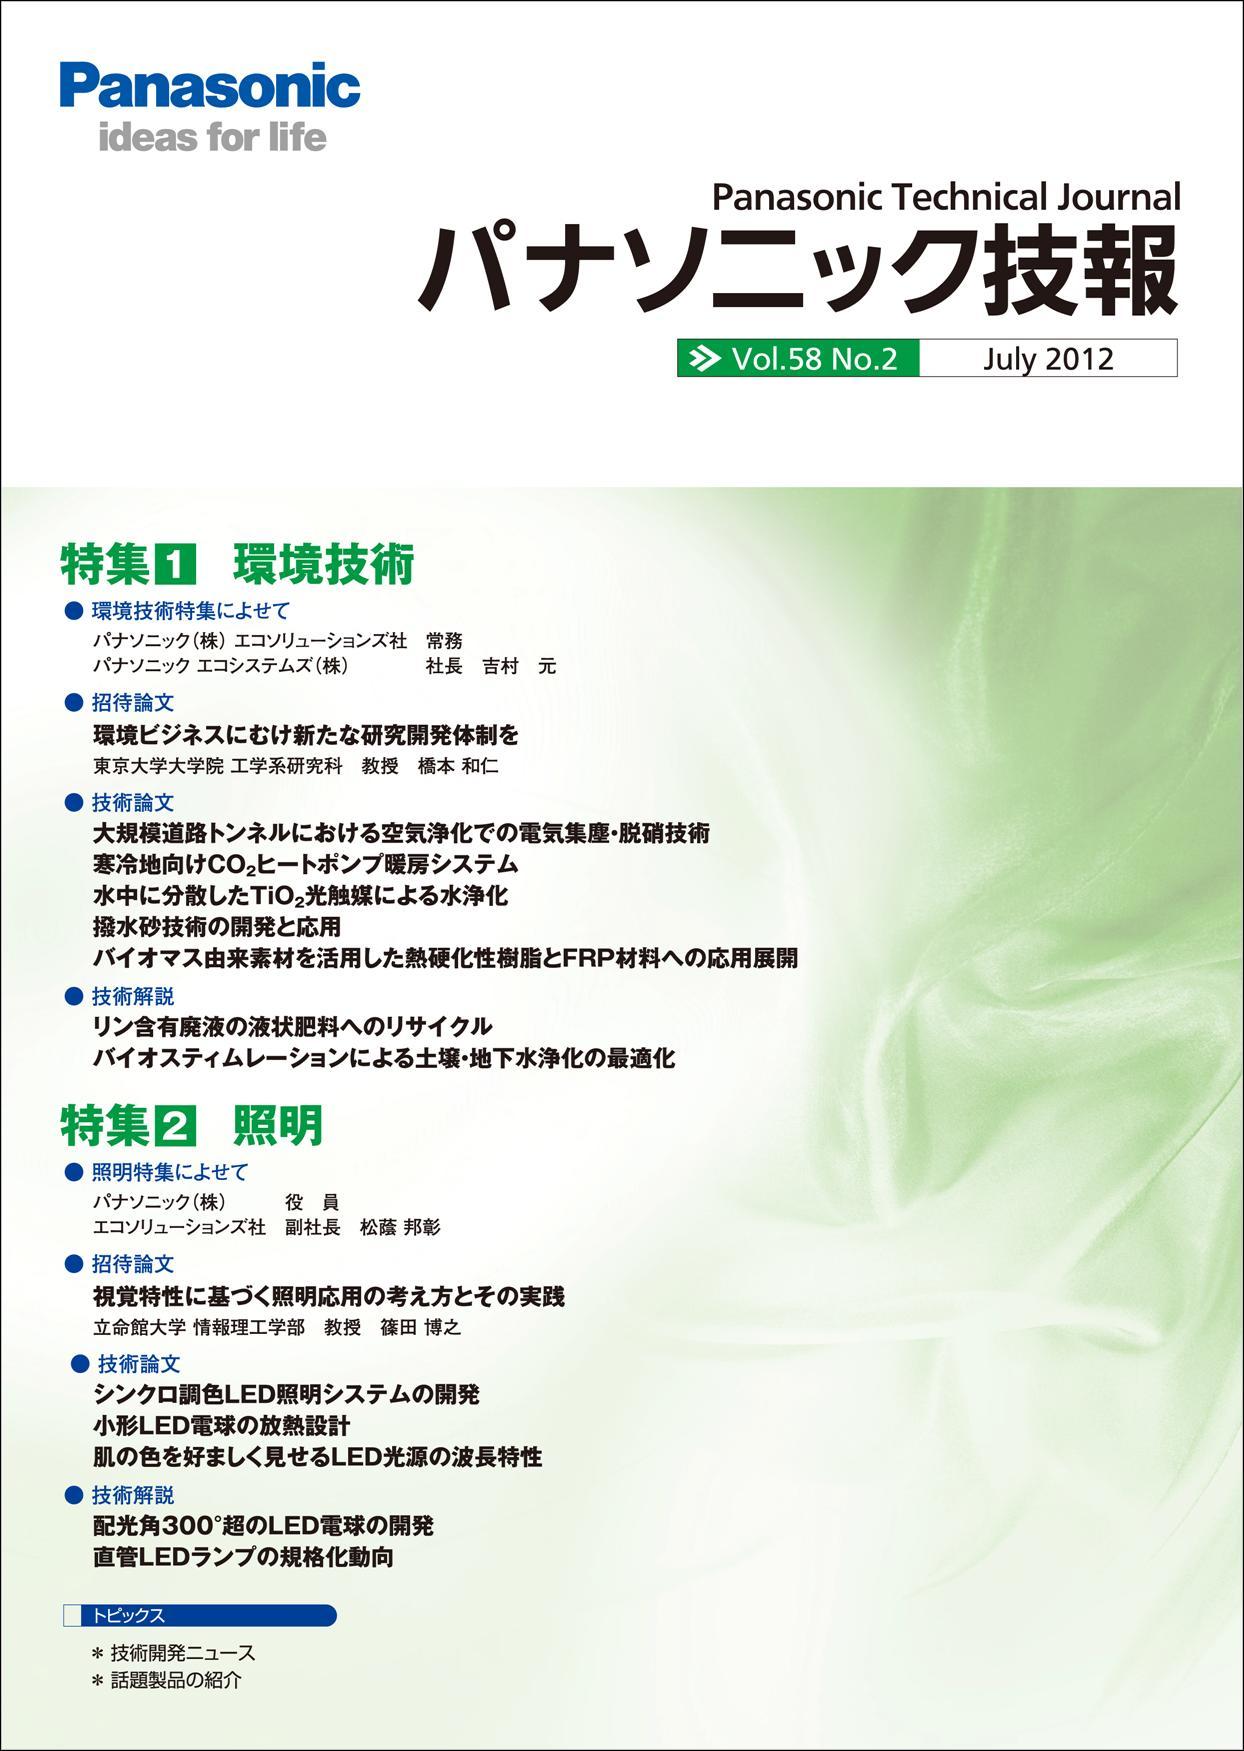 技術論文誌「パナソニック技報」最新号(7月号)発行 【特集】環境技術/照明